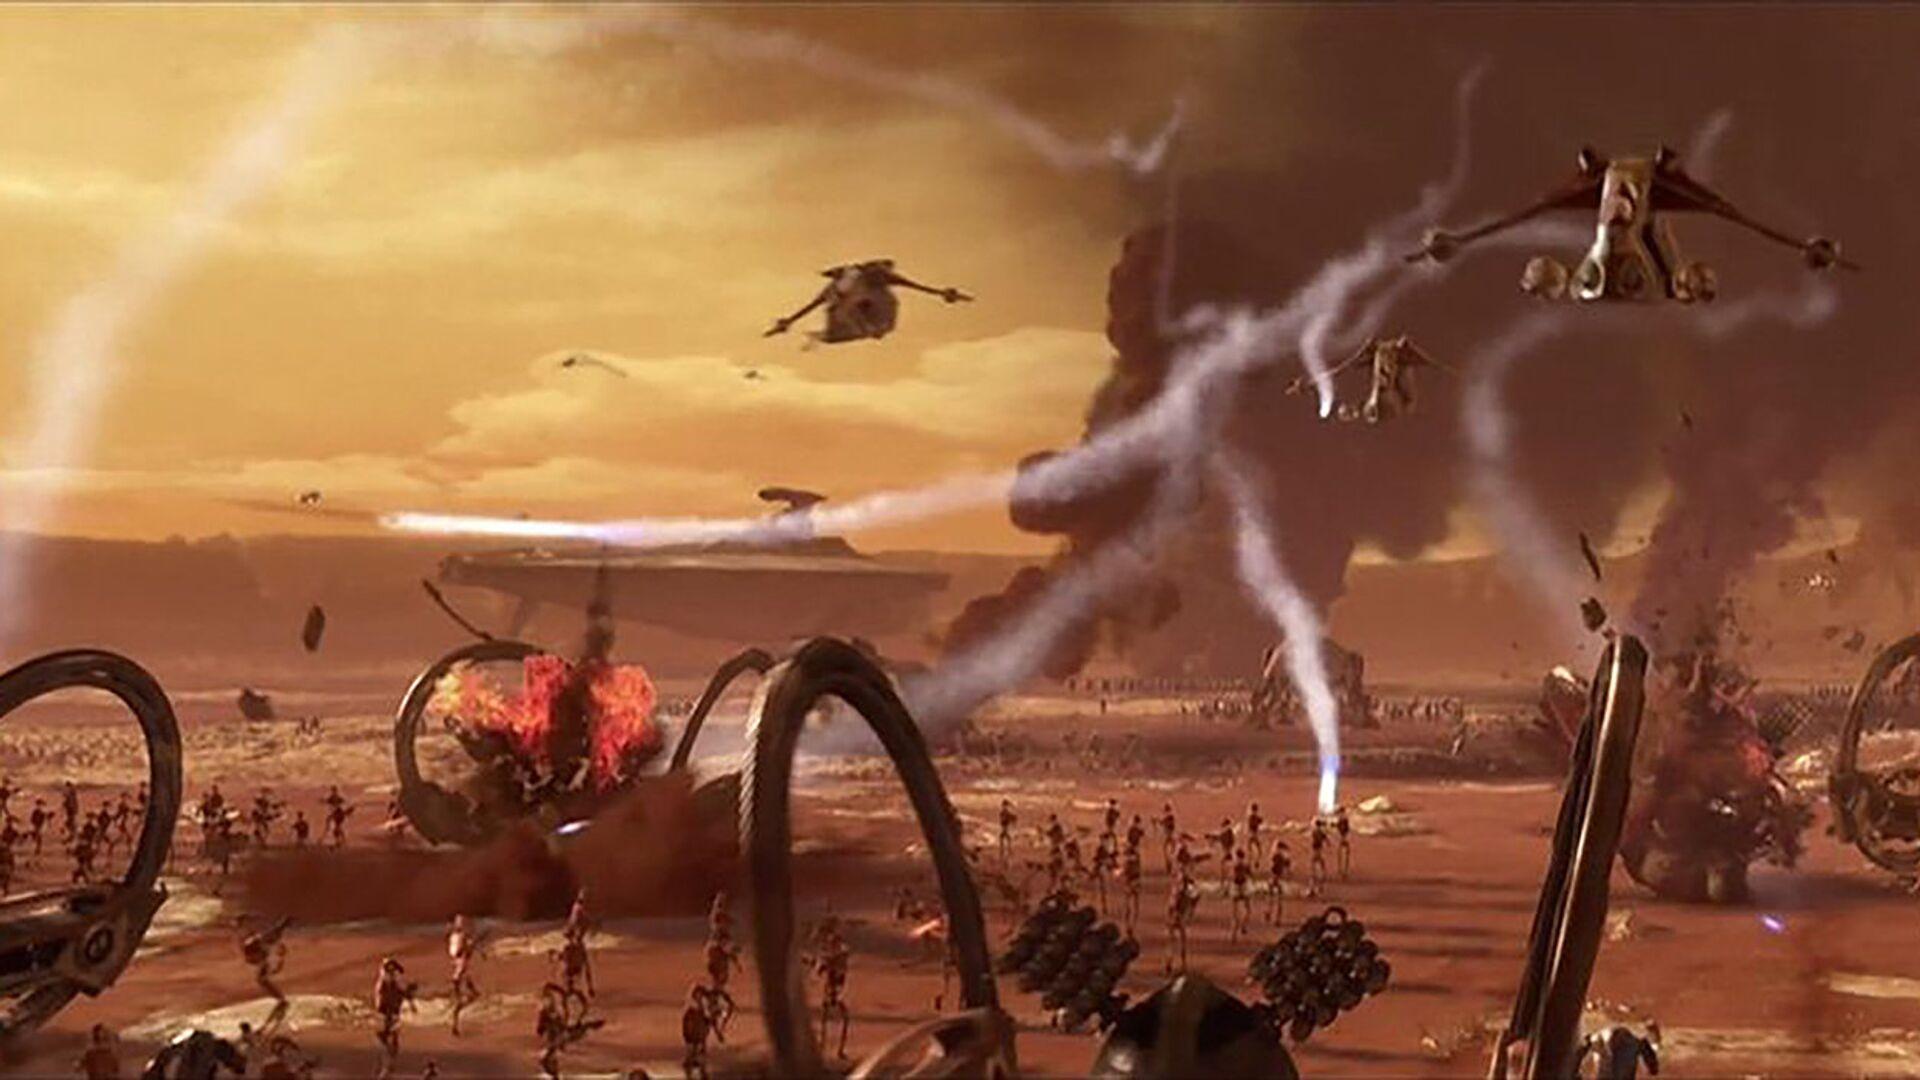 Кадр из фильма Звездные войны: Эпизод II - Атака клонов - РИА Новости, 1920, 18.10.2020